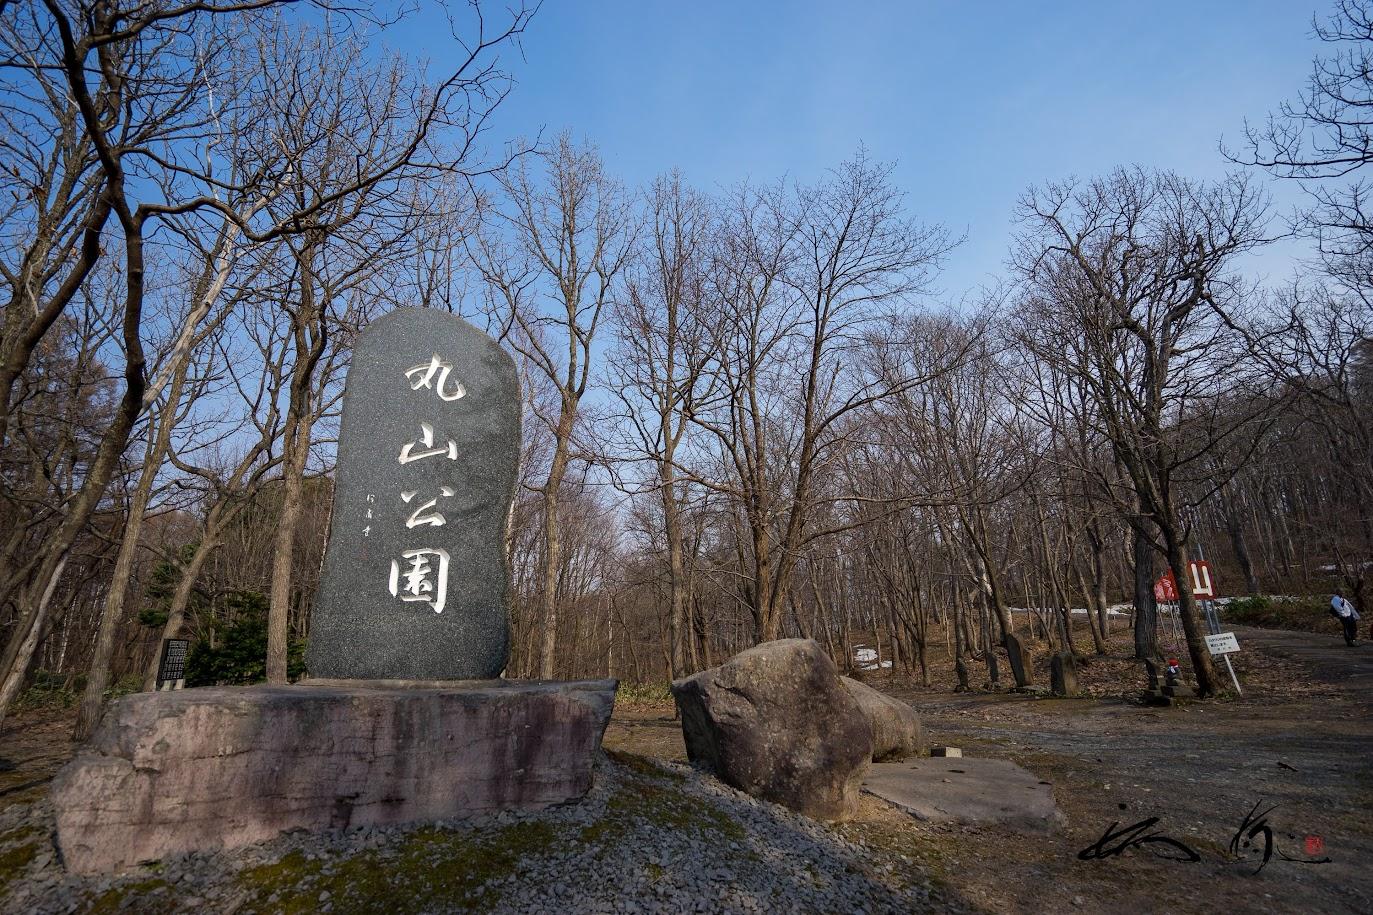 丸山公園(深川市)